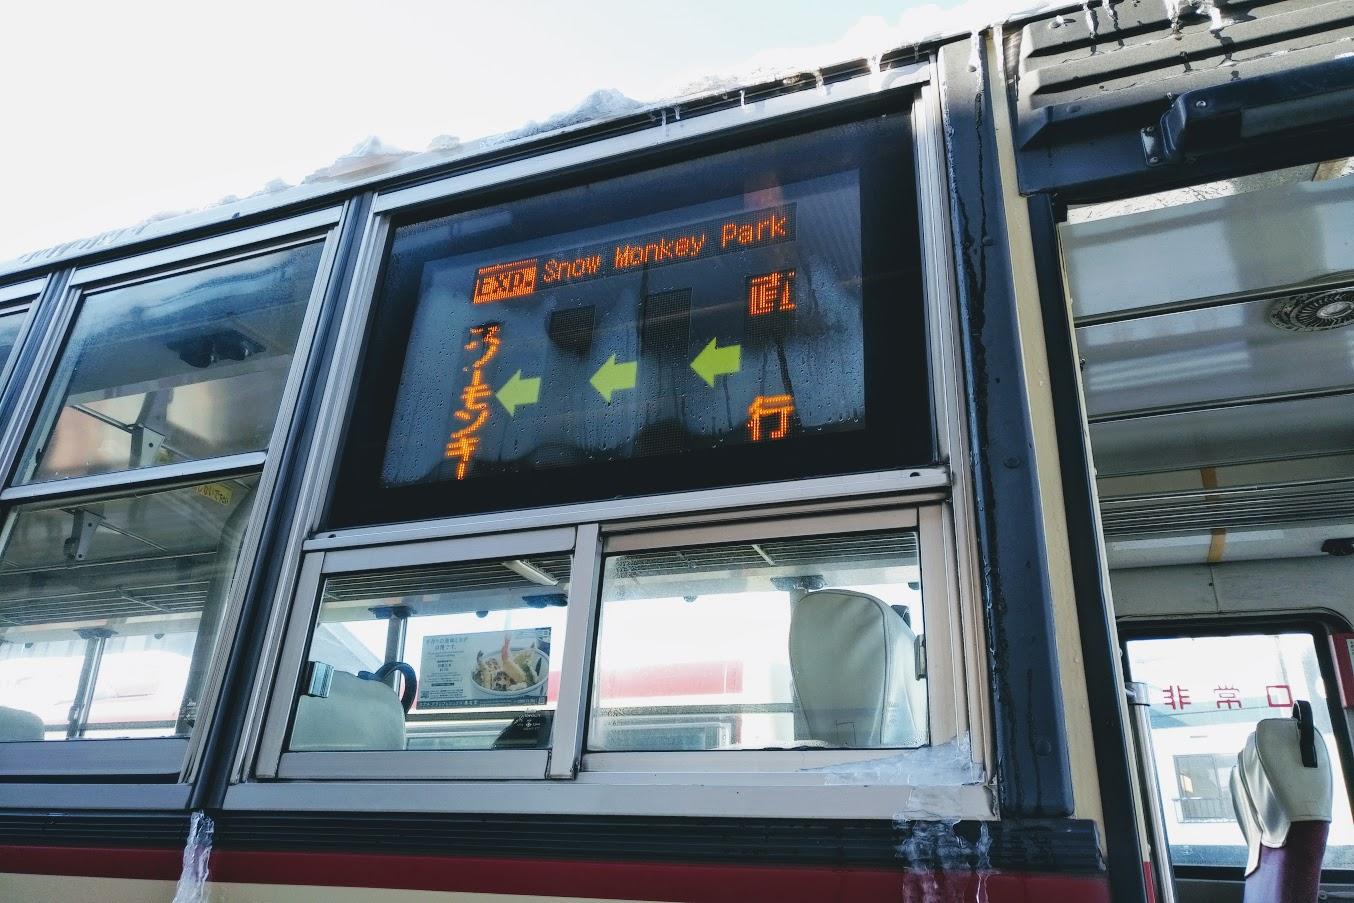 スノーモンキーパーク路線バス